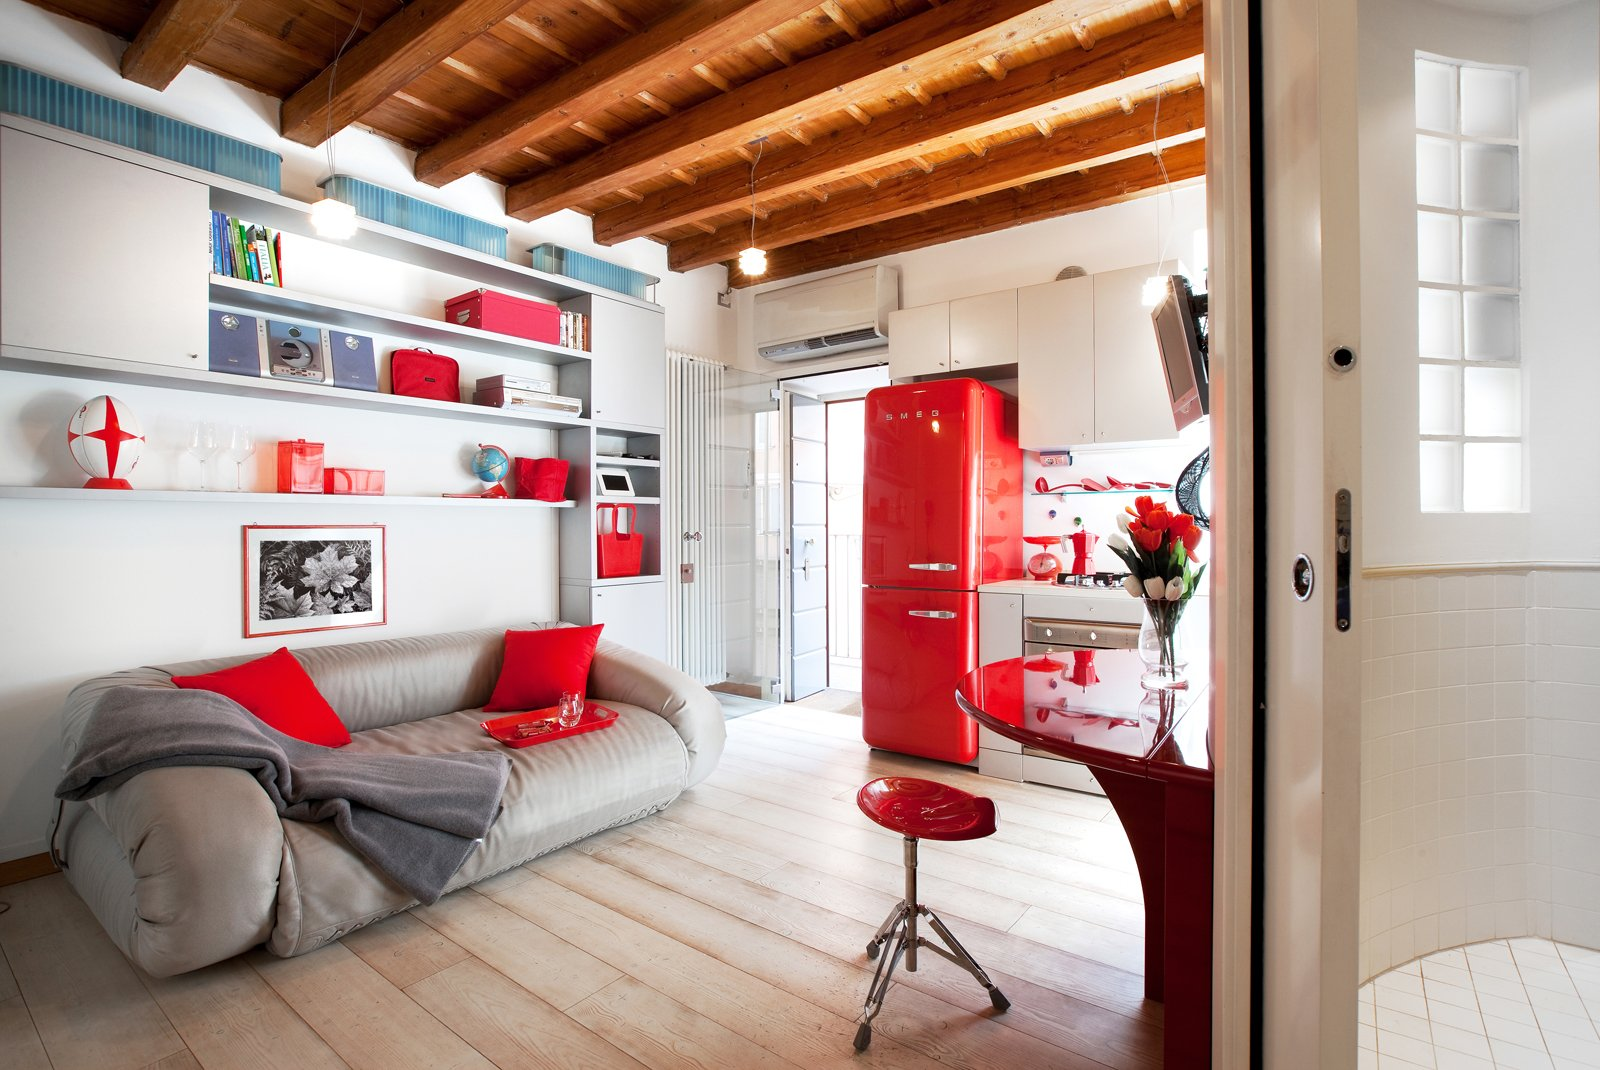 Monolocale di 25 mq con soluzioni salvaspazio cose di casa - Soluzioni economiche per arredare casa ...